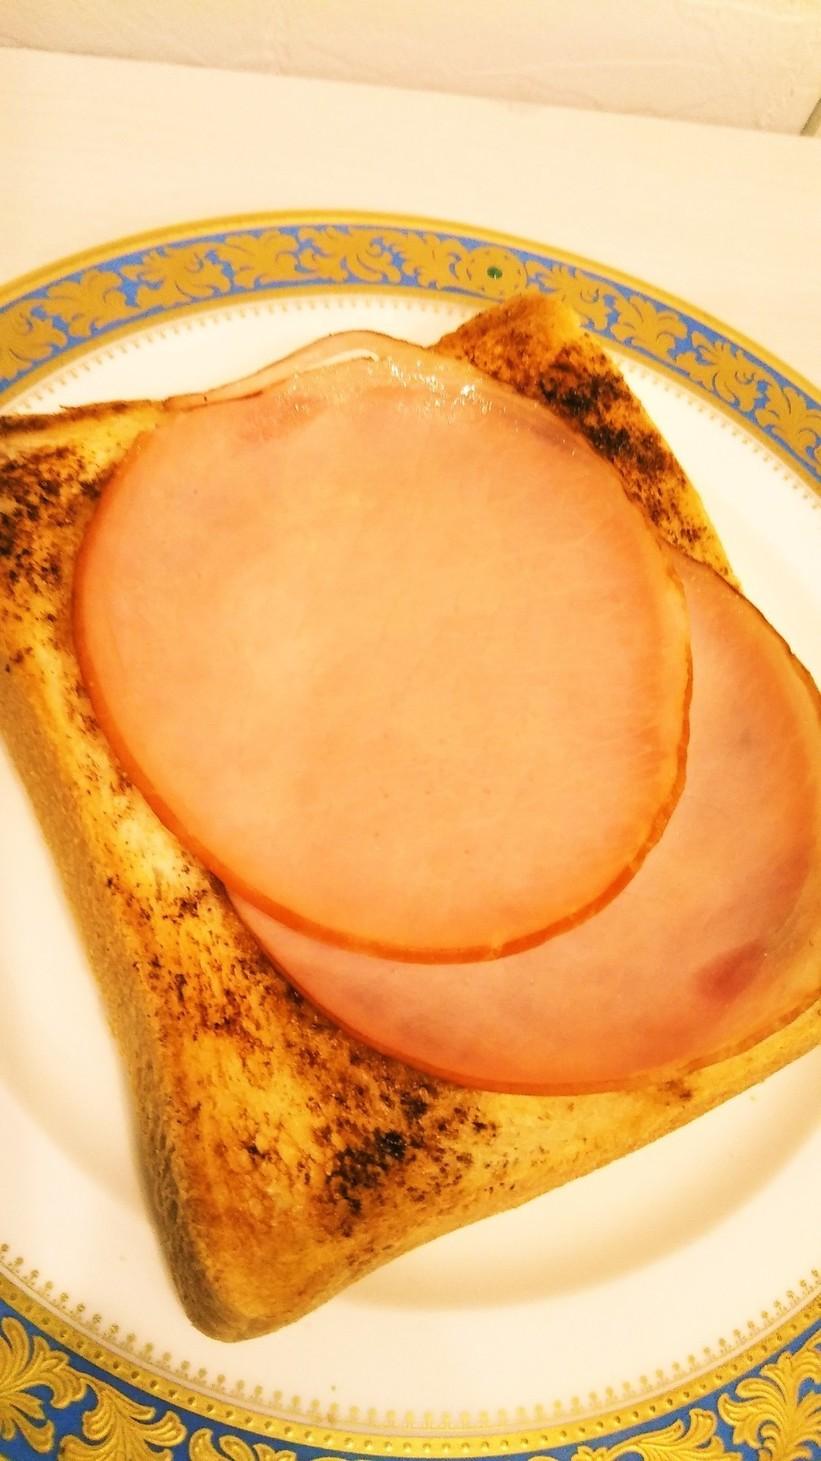 ハムトースト 焼きそば粉末ソース利用♫